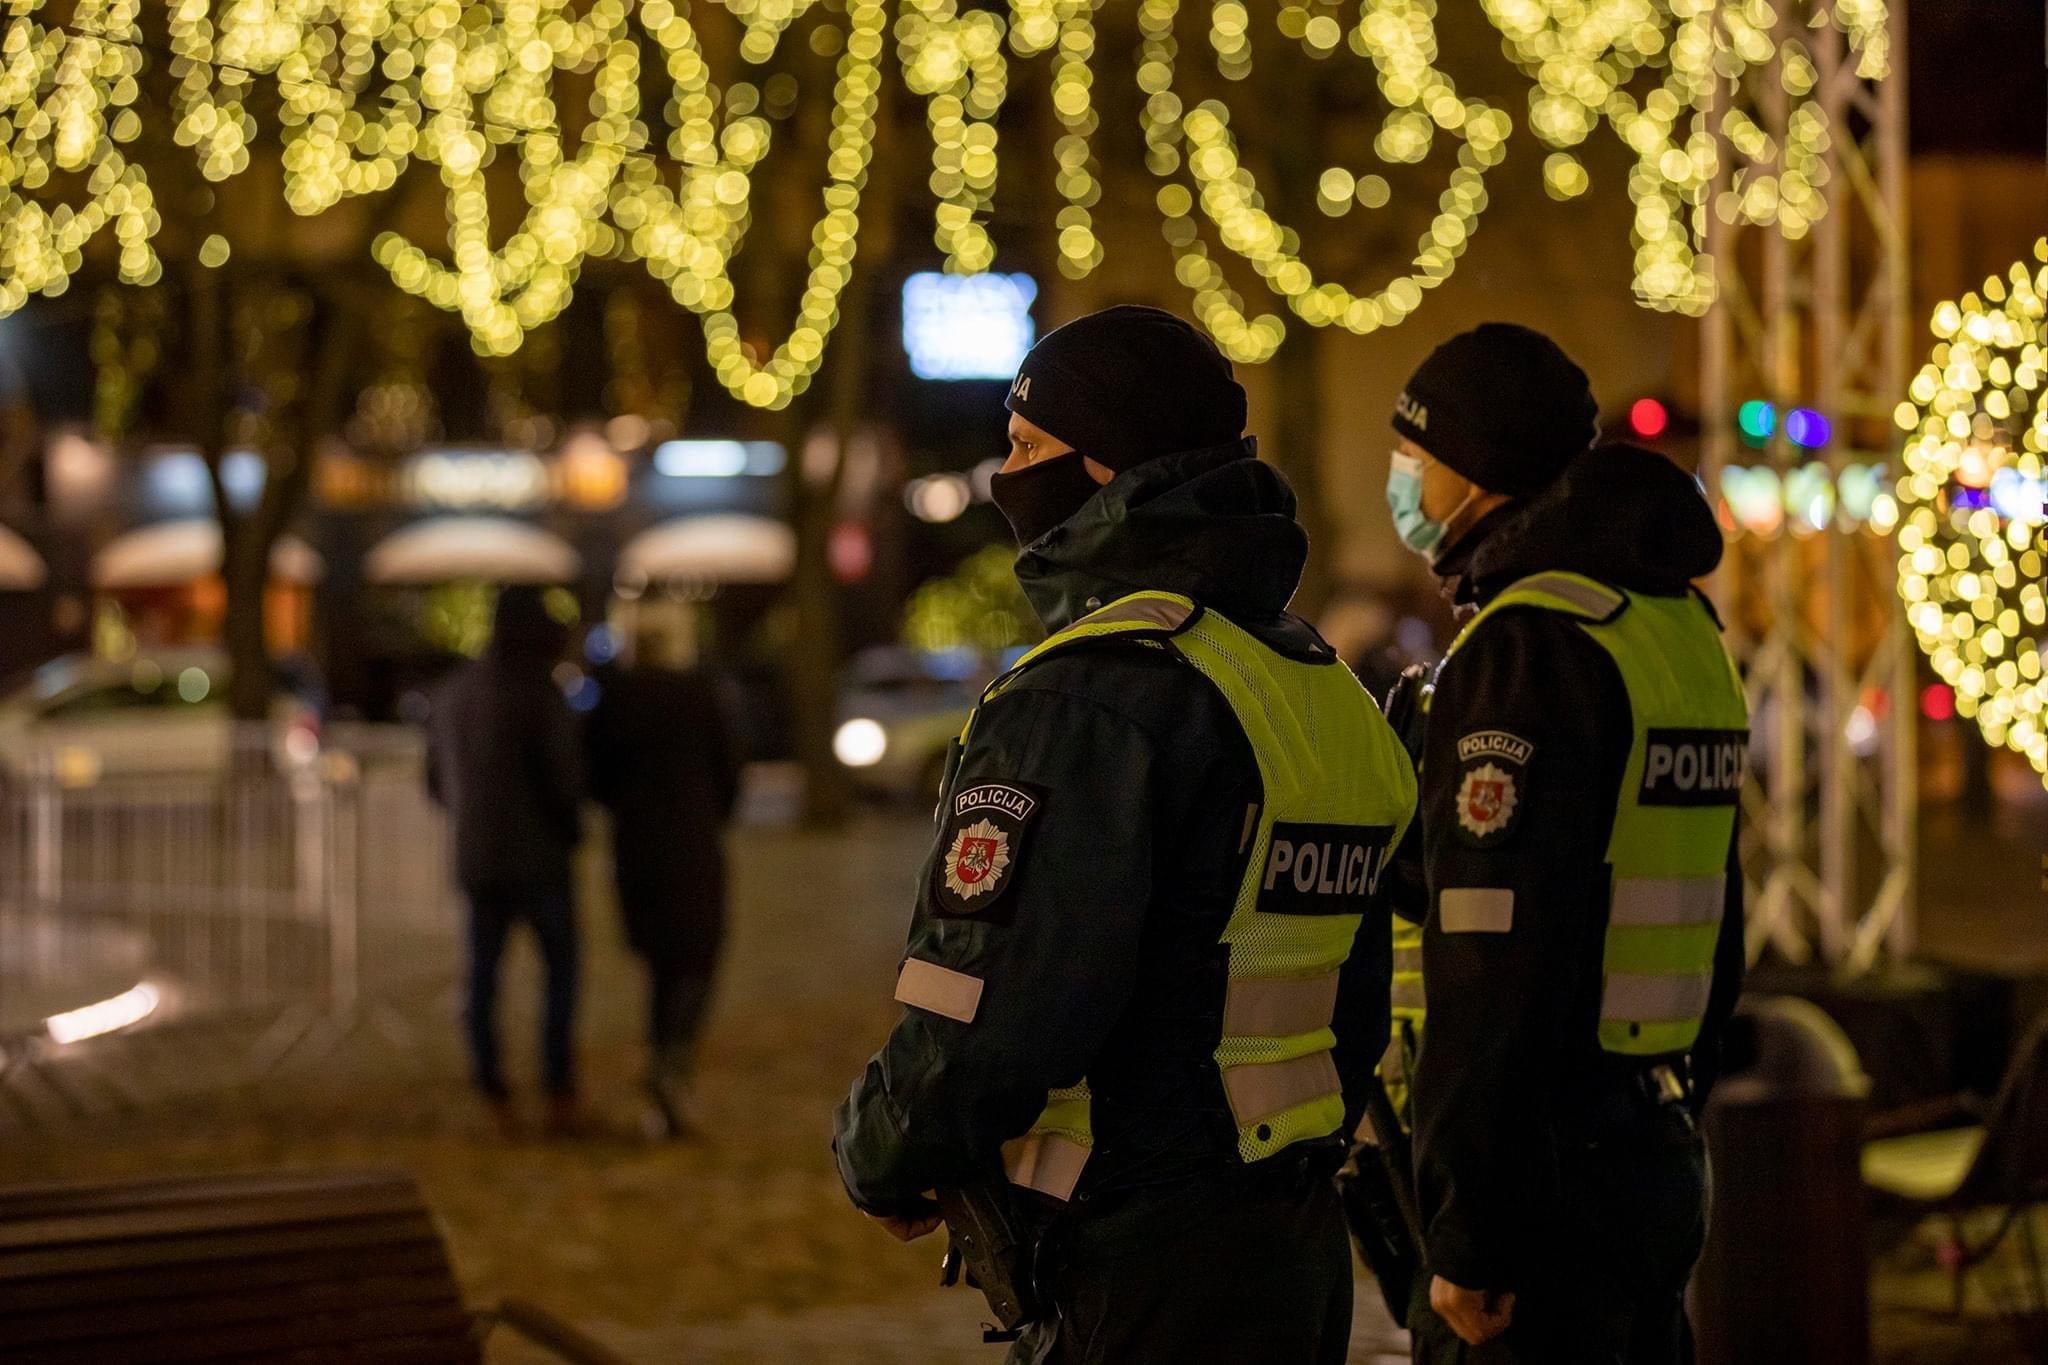 Marijampolės apskrities policija: kokia buvo sausio 3-ioji?